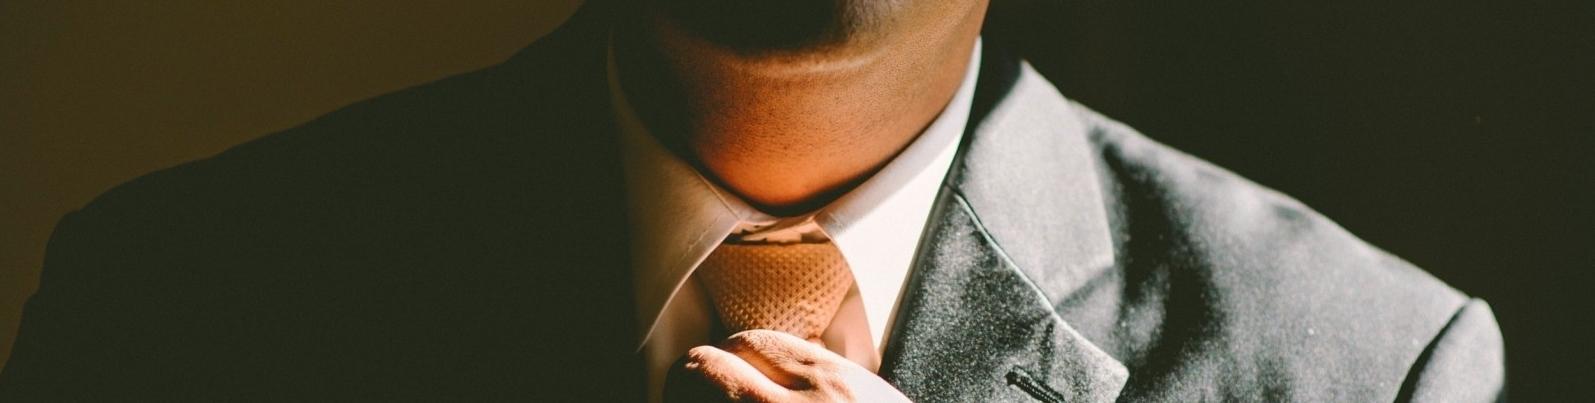 man-adjusting-tie.jpg